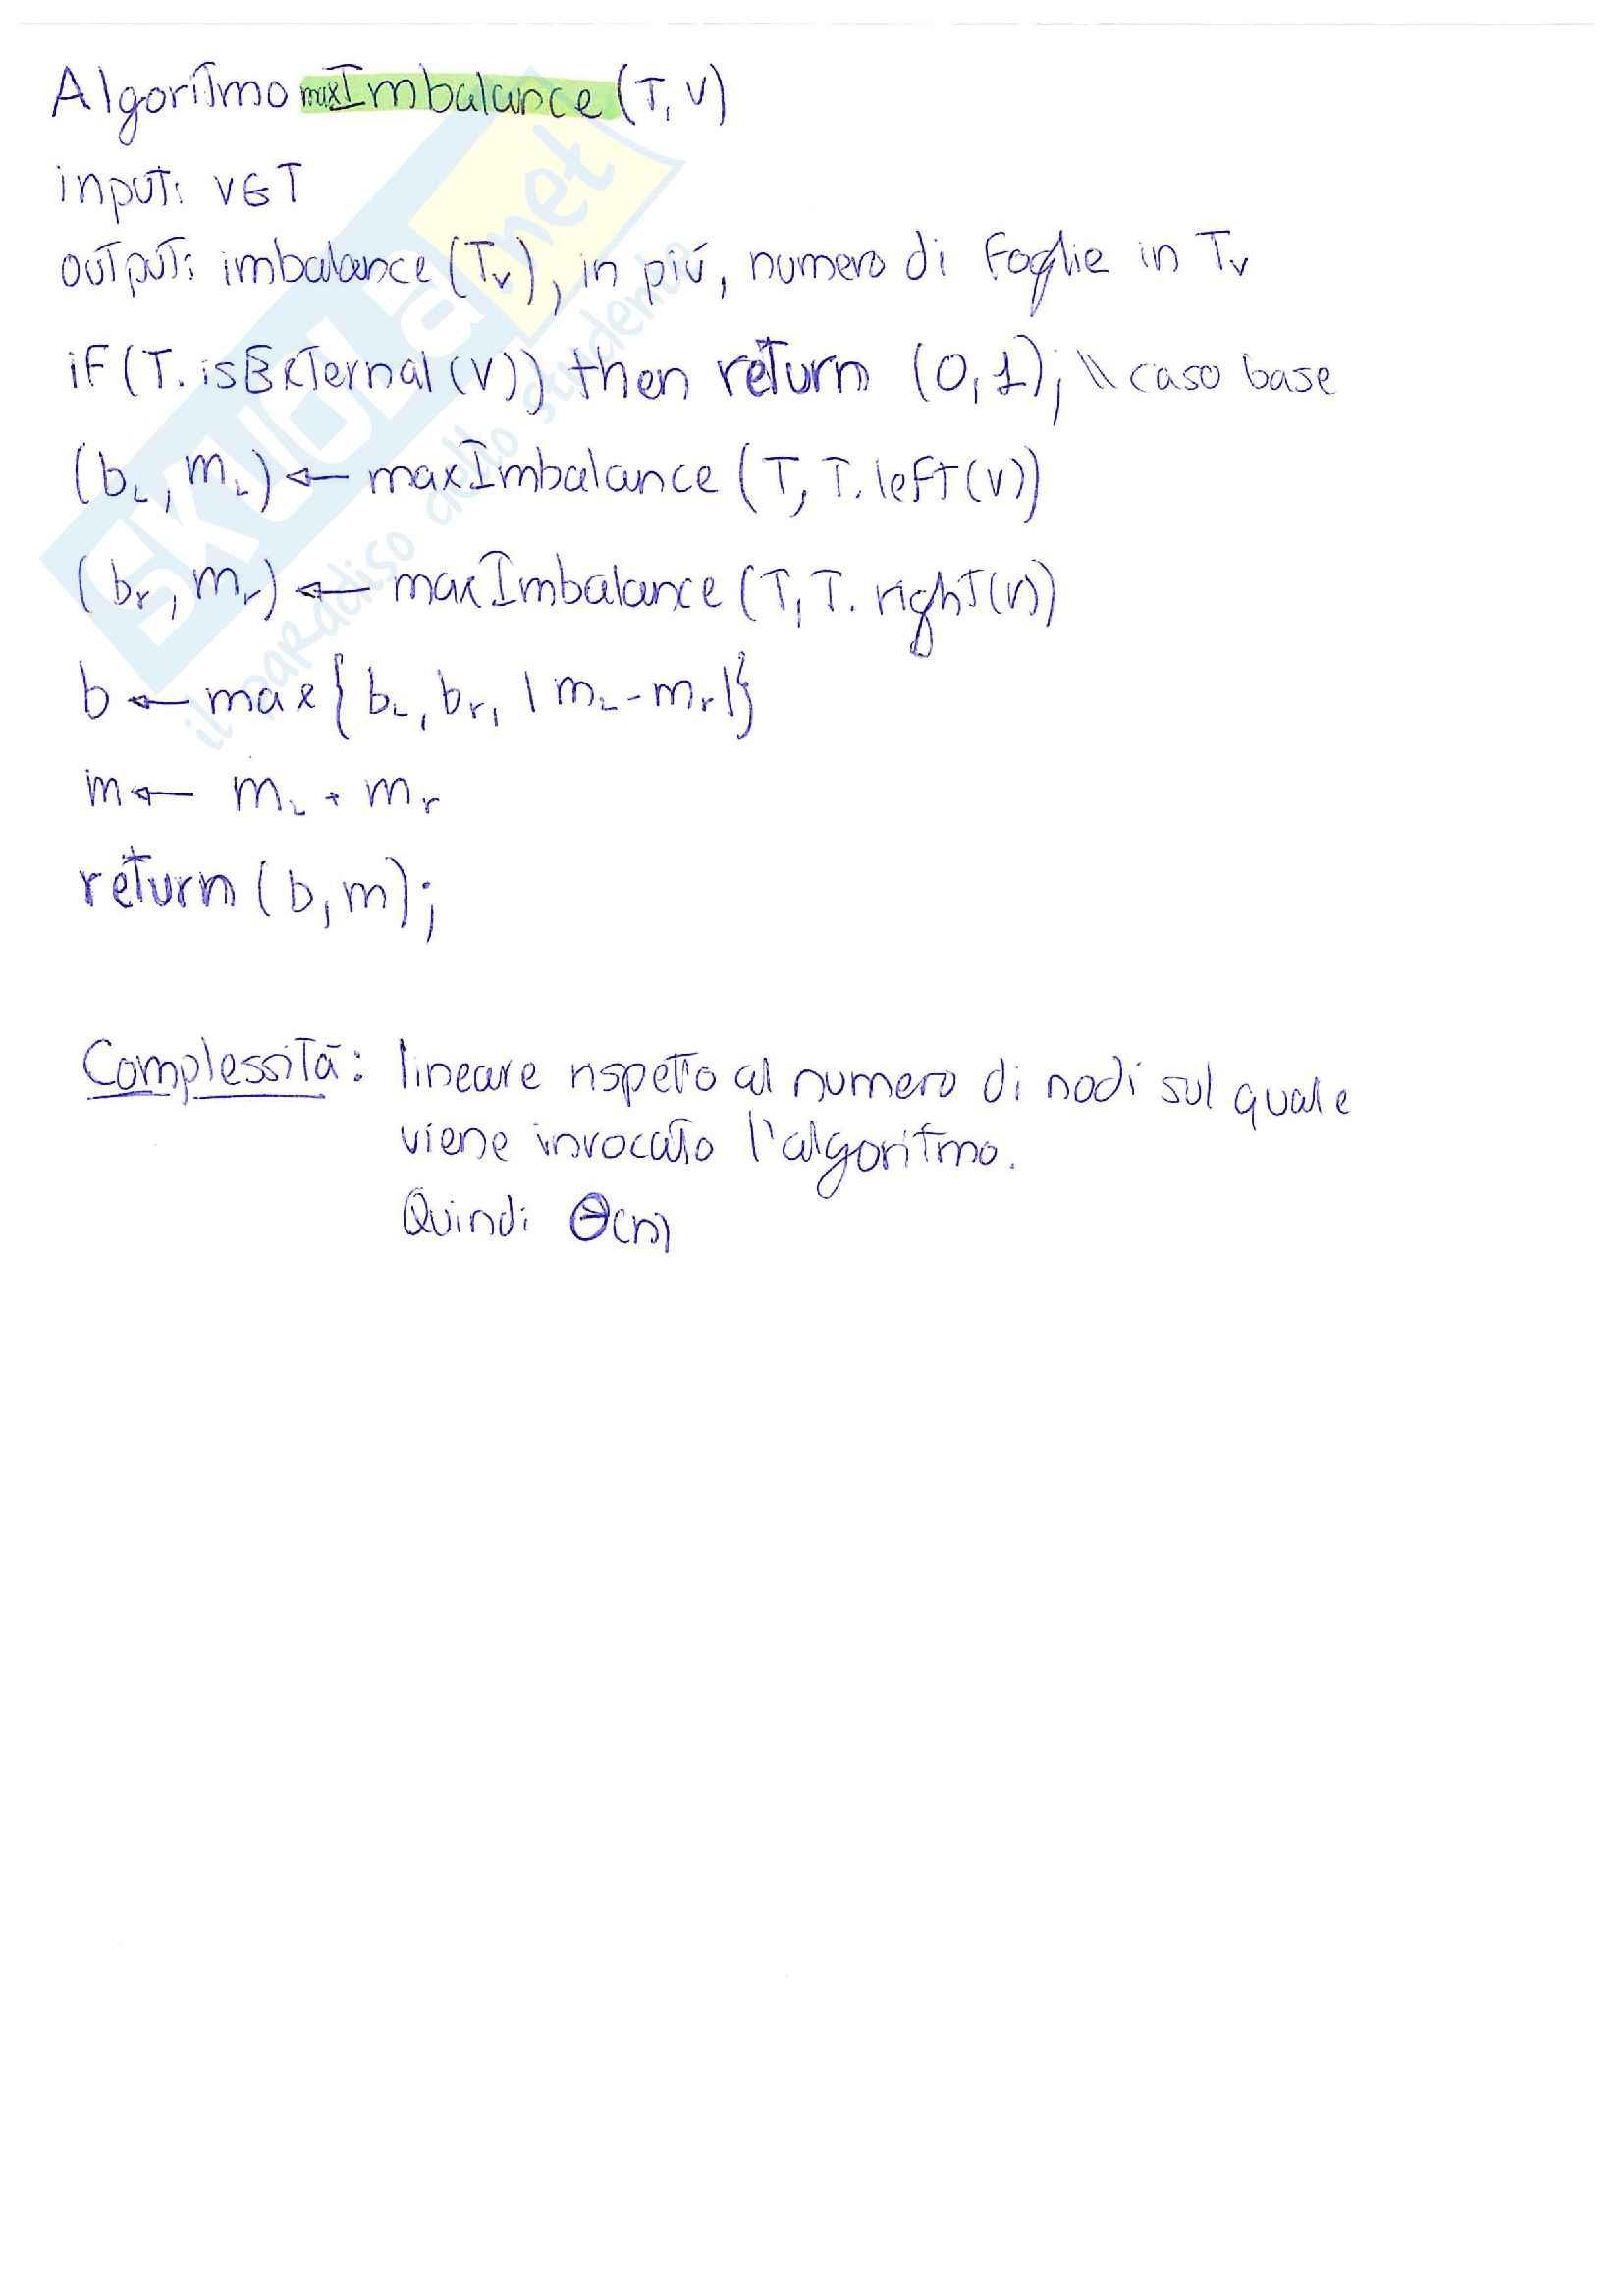 Dati e Algoritmi 1 - appunti essenziali ed esercizi Pag. 36